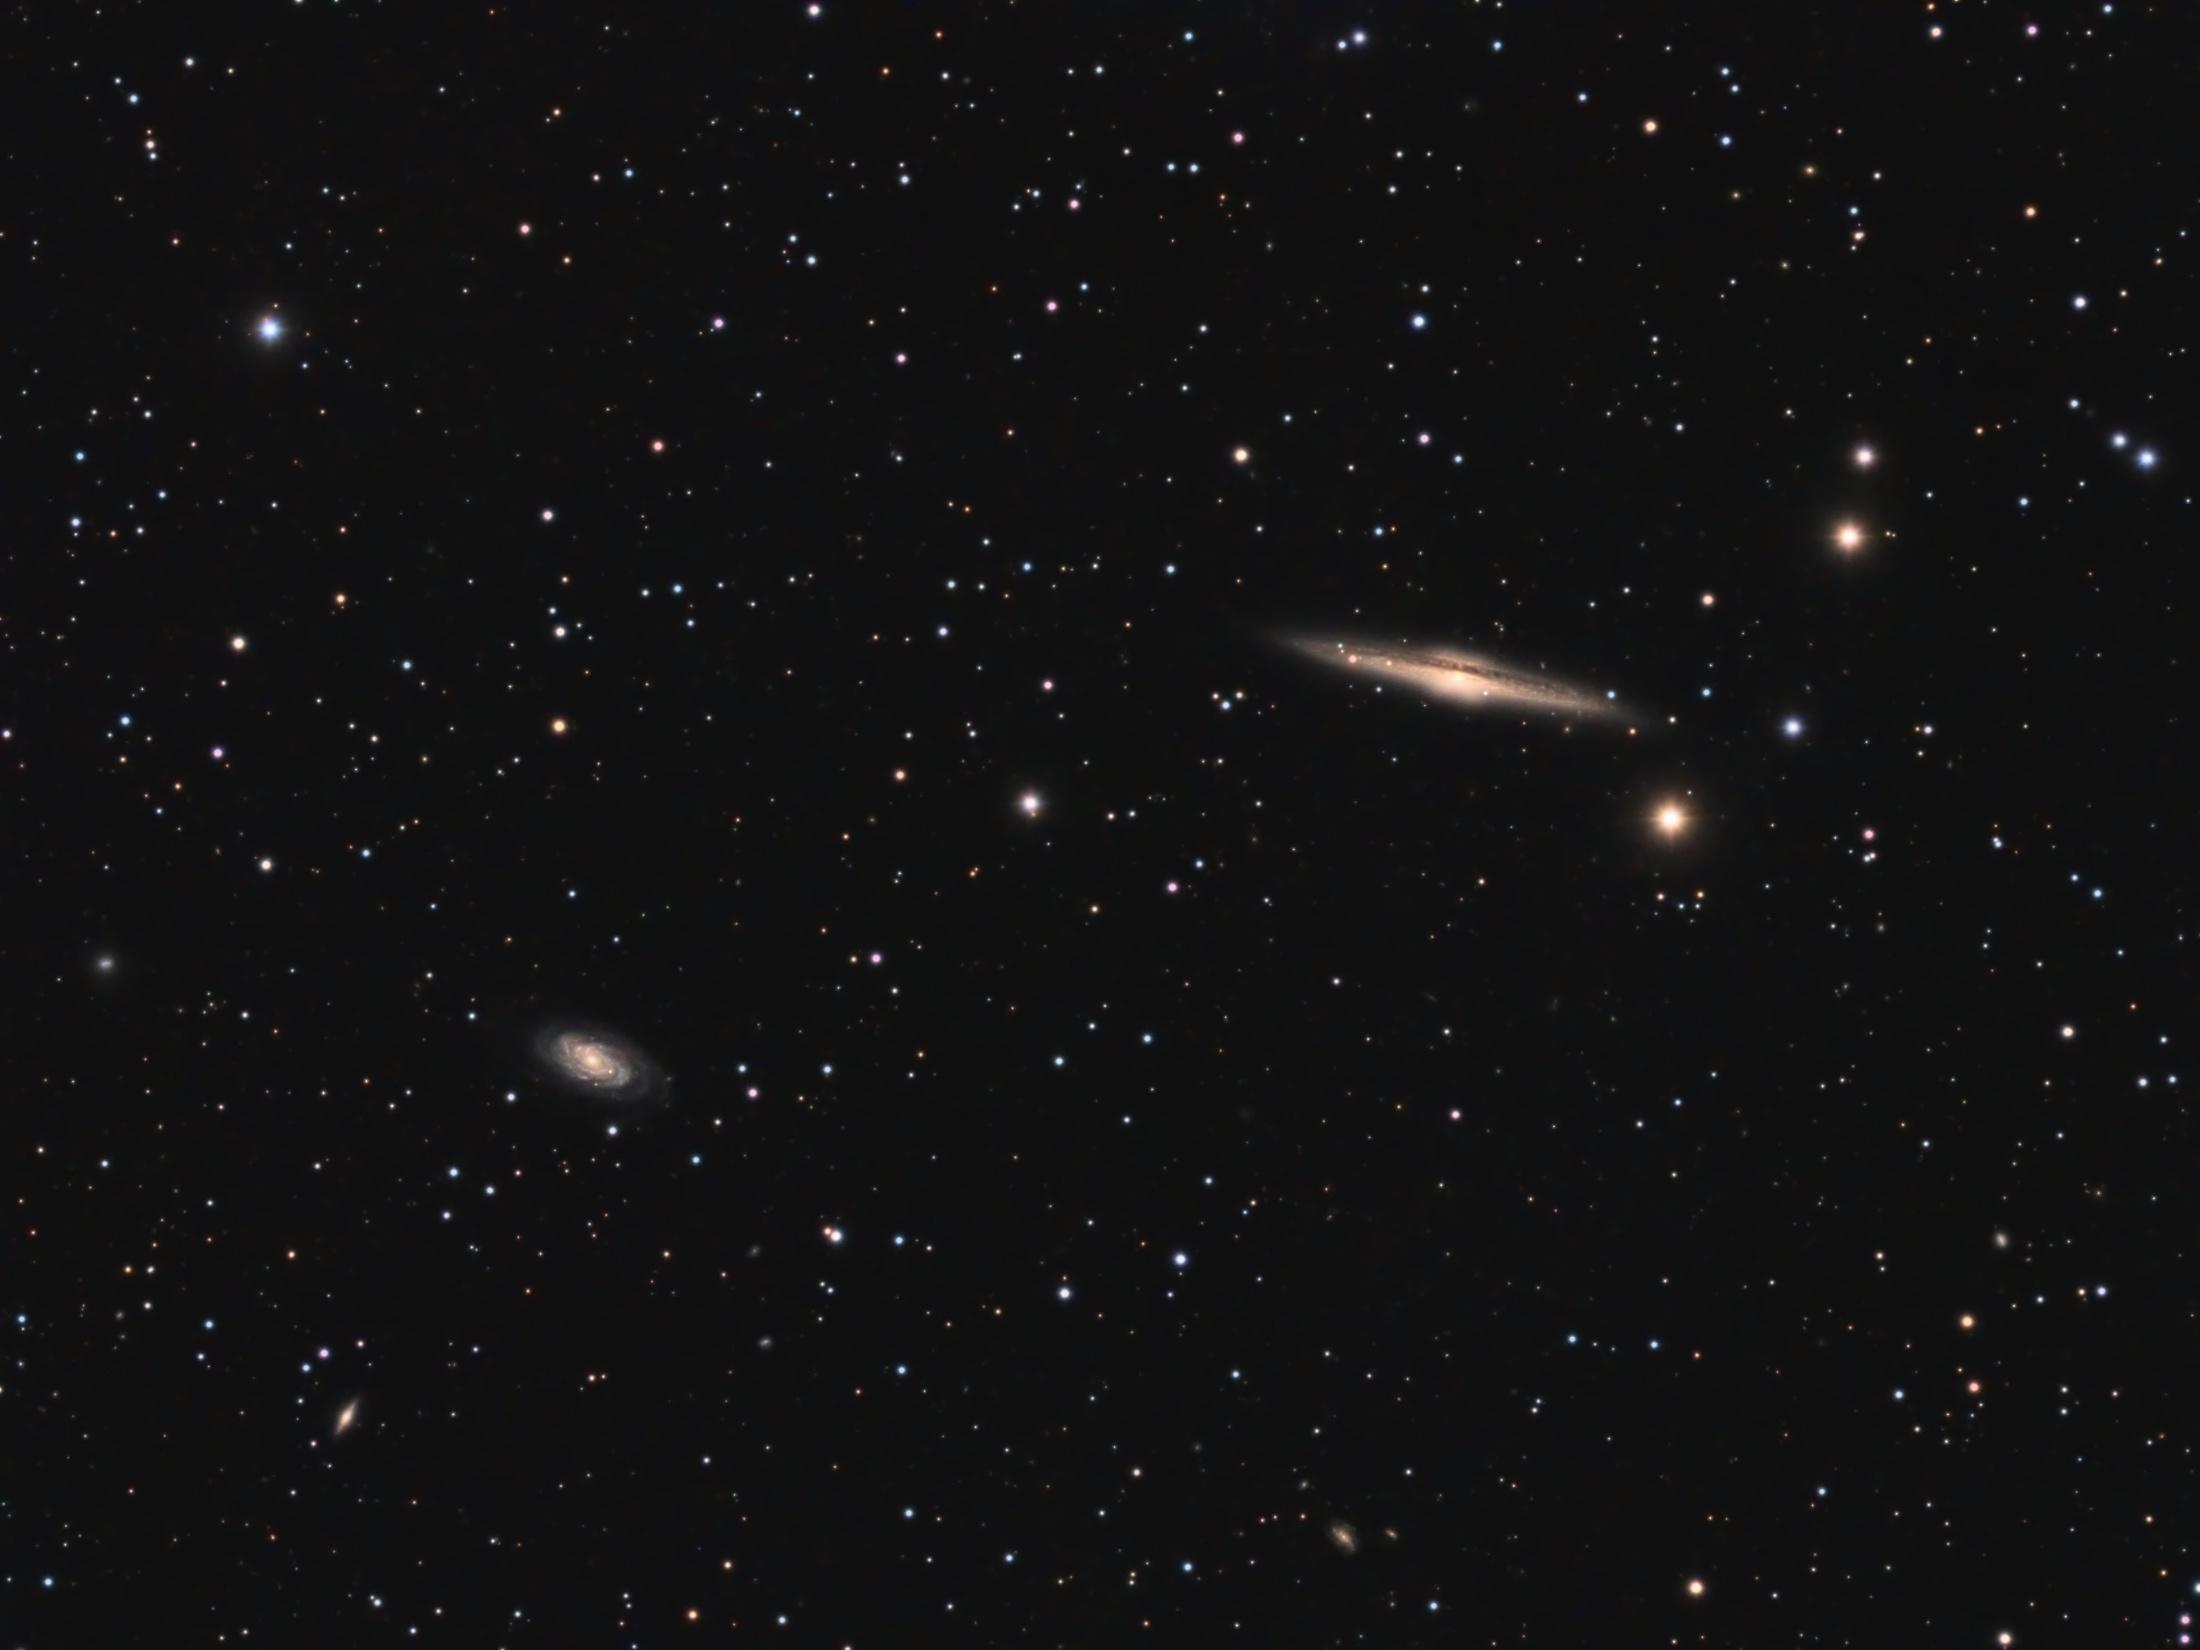 NGC 5746 and NGC 5740